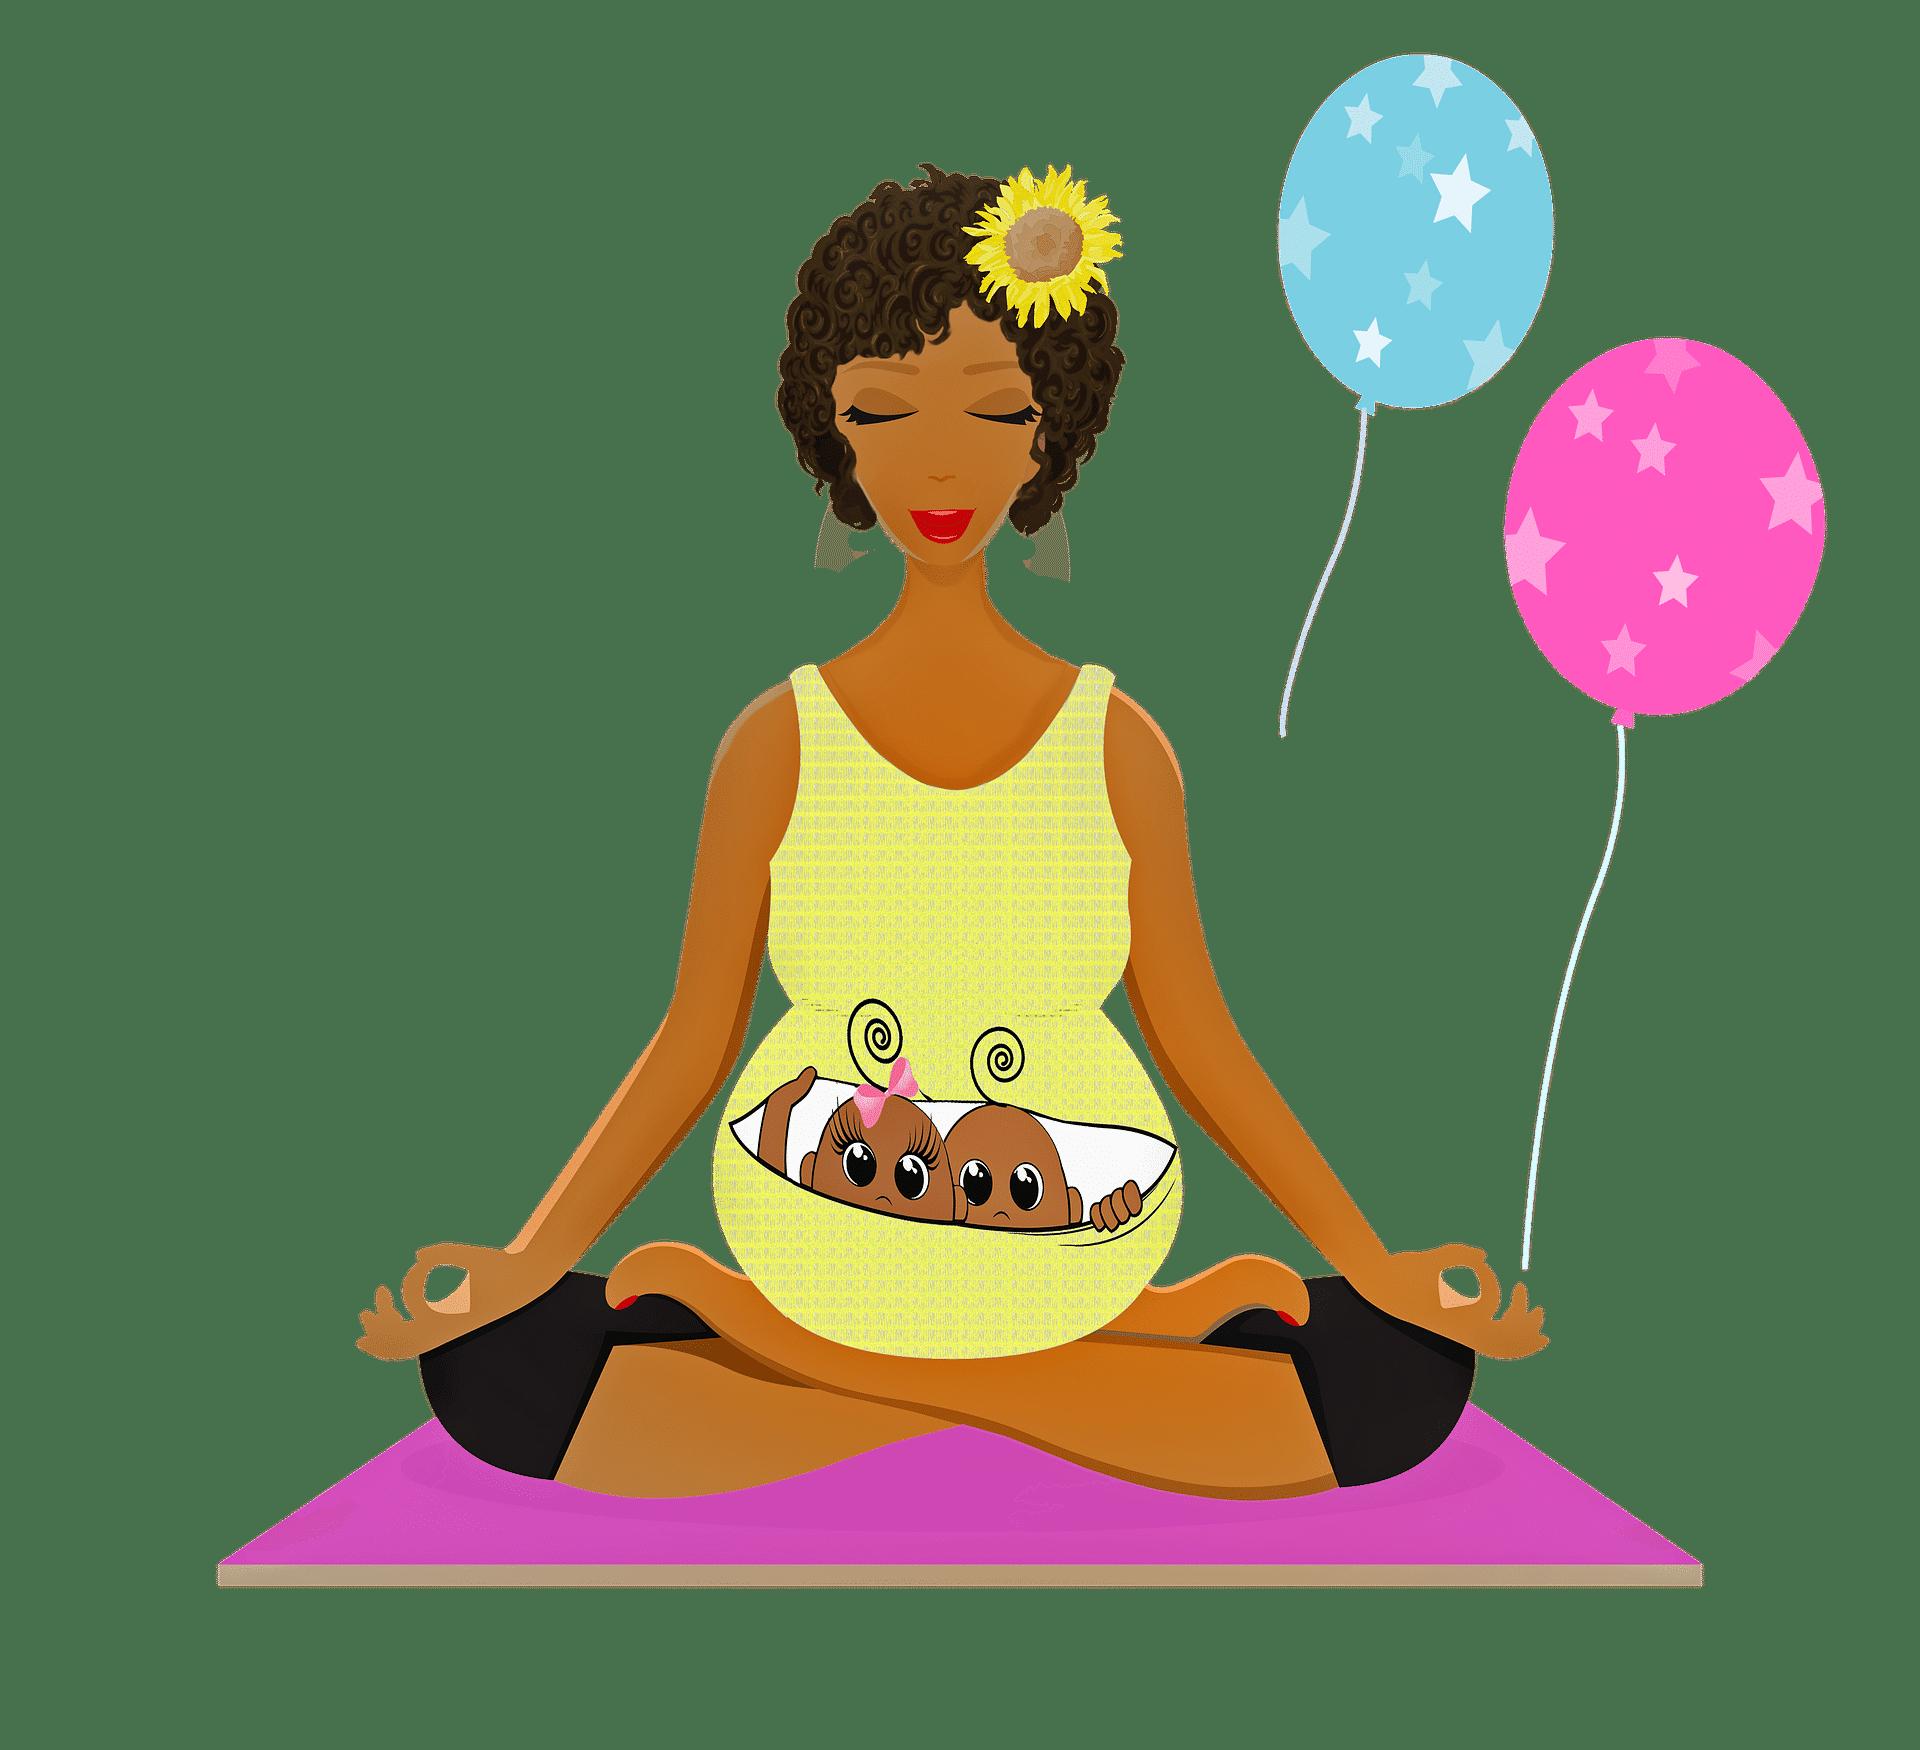 Maschio O Femmina Calendario Maya.Scoprire Il Sesso Del Bambino Curiosita E Credenze Popolari